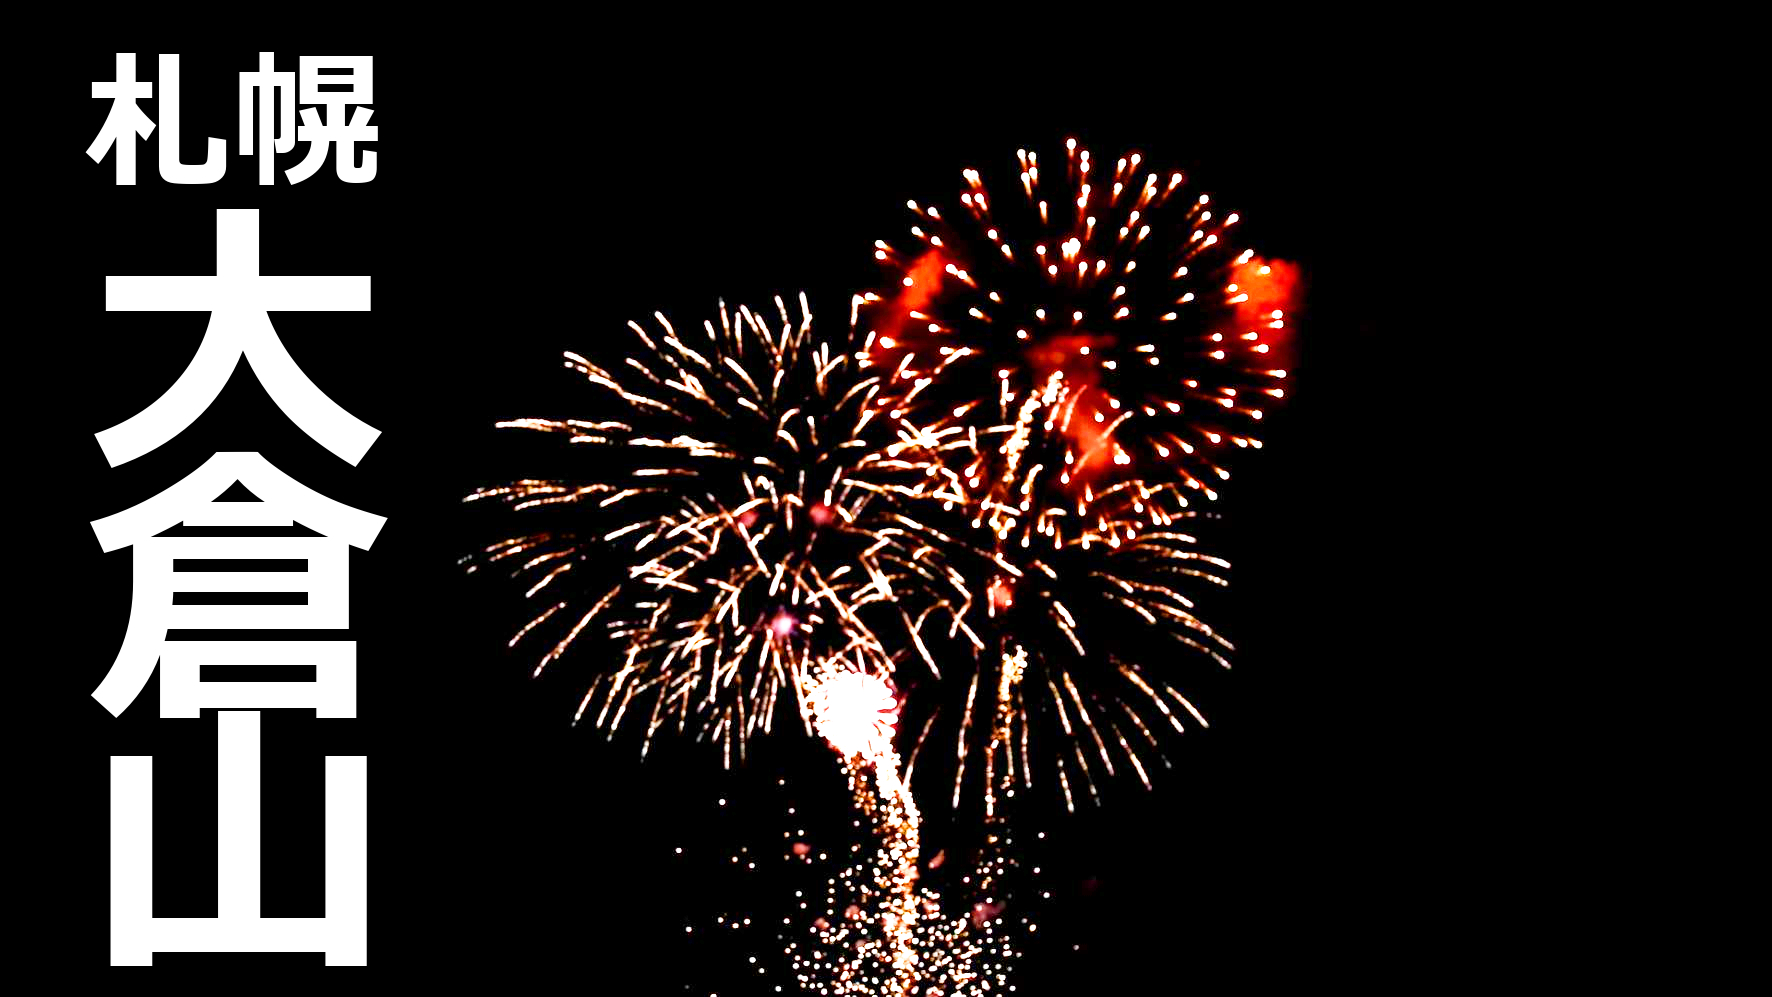 札幌大倉山で突然の花火打ち上げ!感染症早期終息を願い全国一斉開催